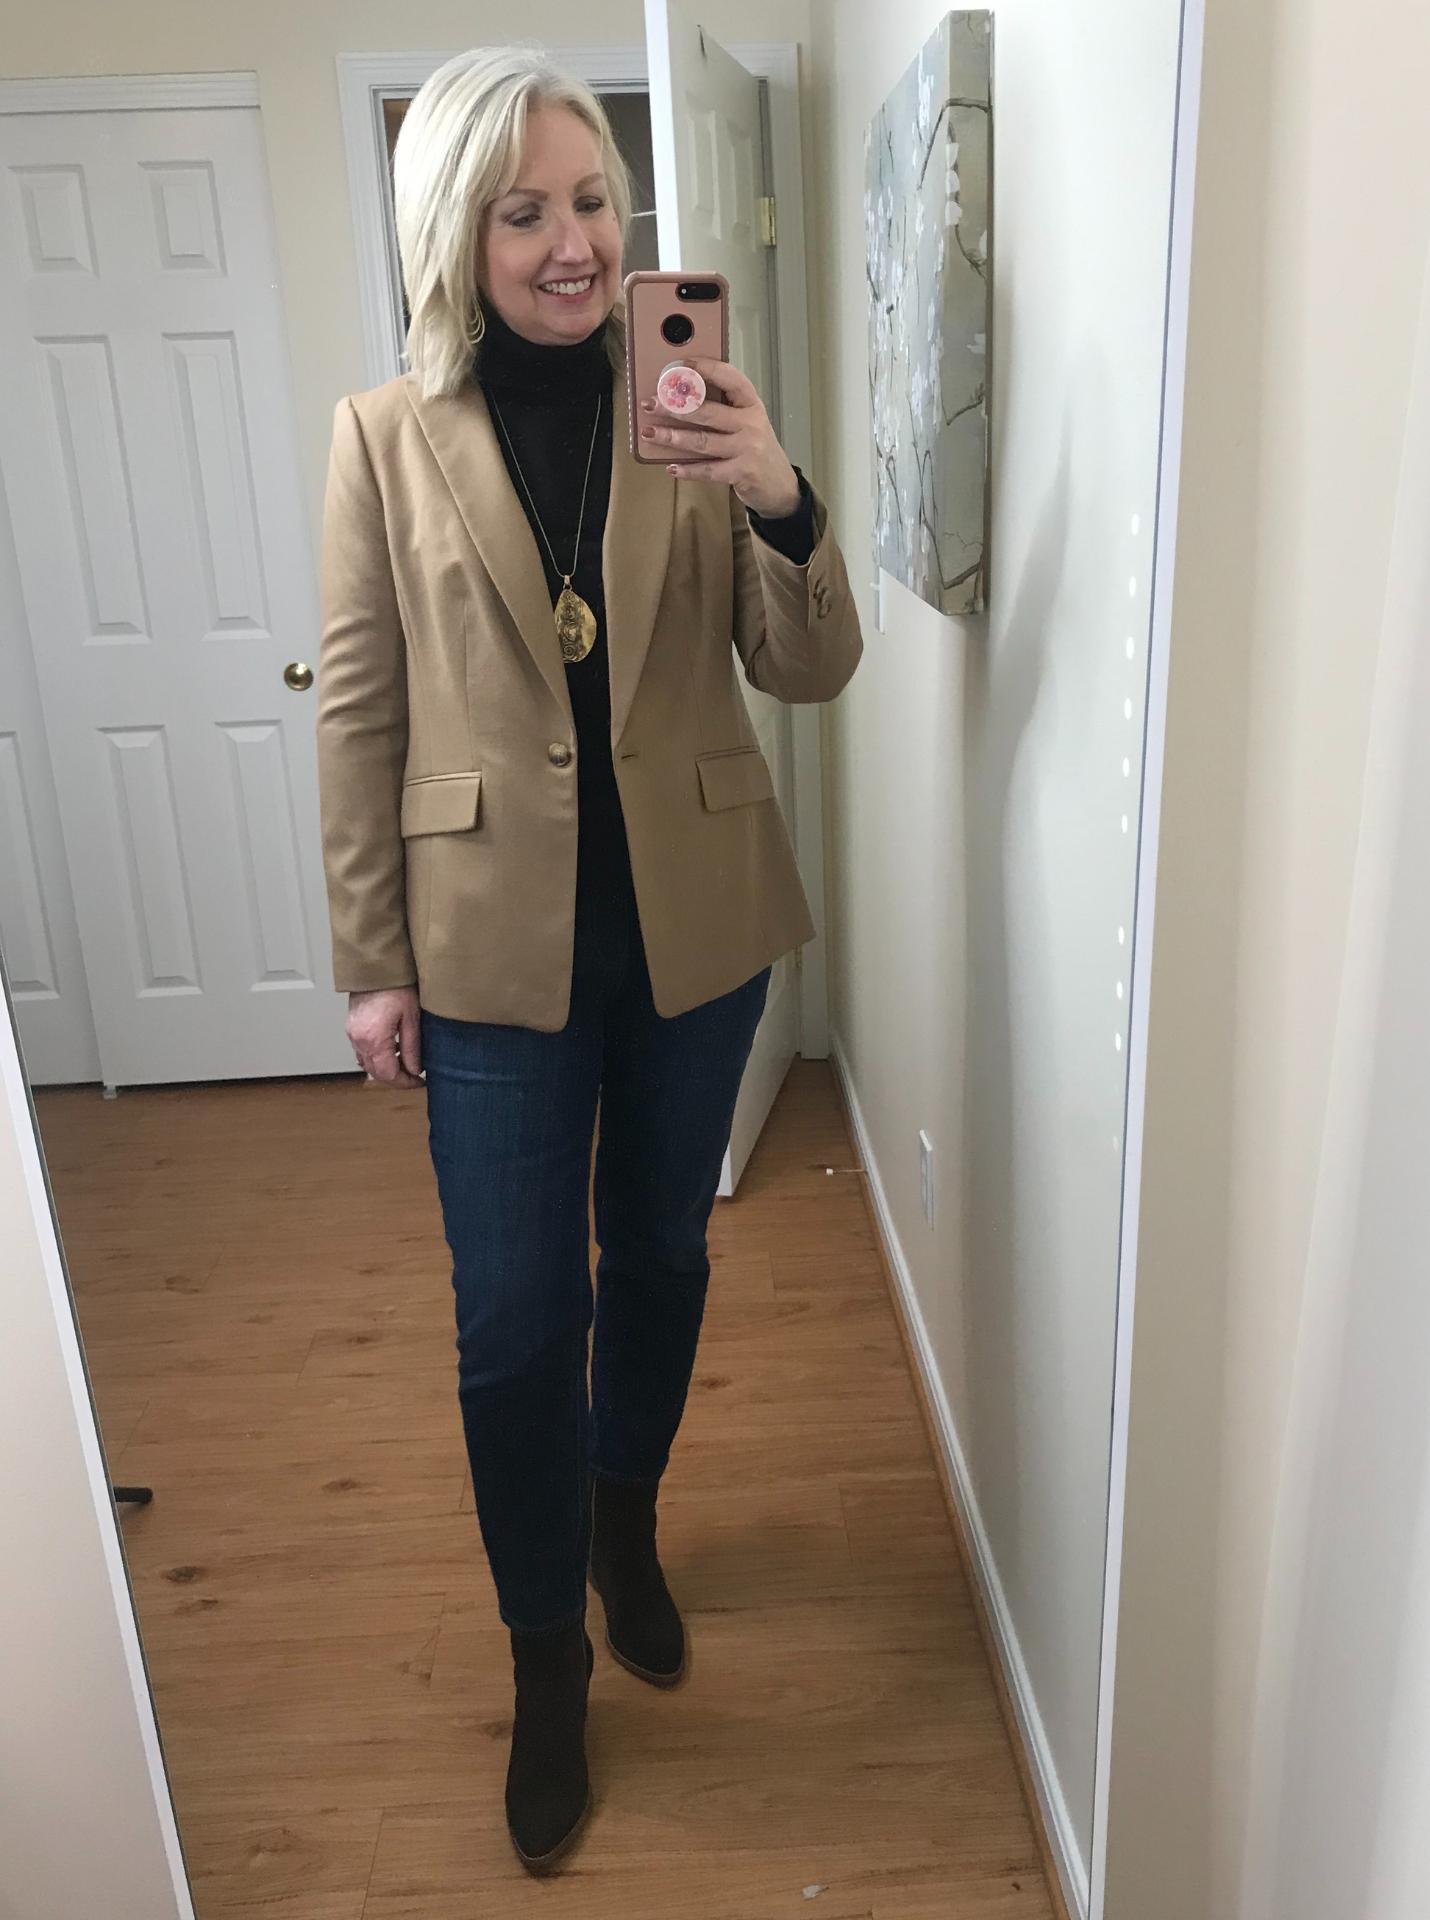 Ankle Jeans Black Turtleneck Tucked Belted Brown Boots Jacket